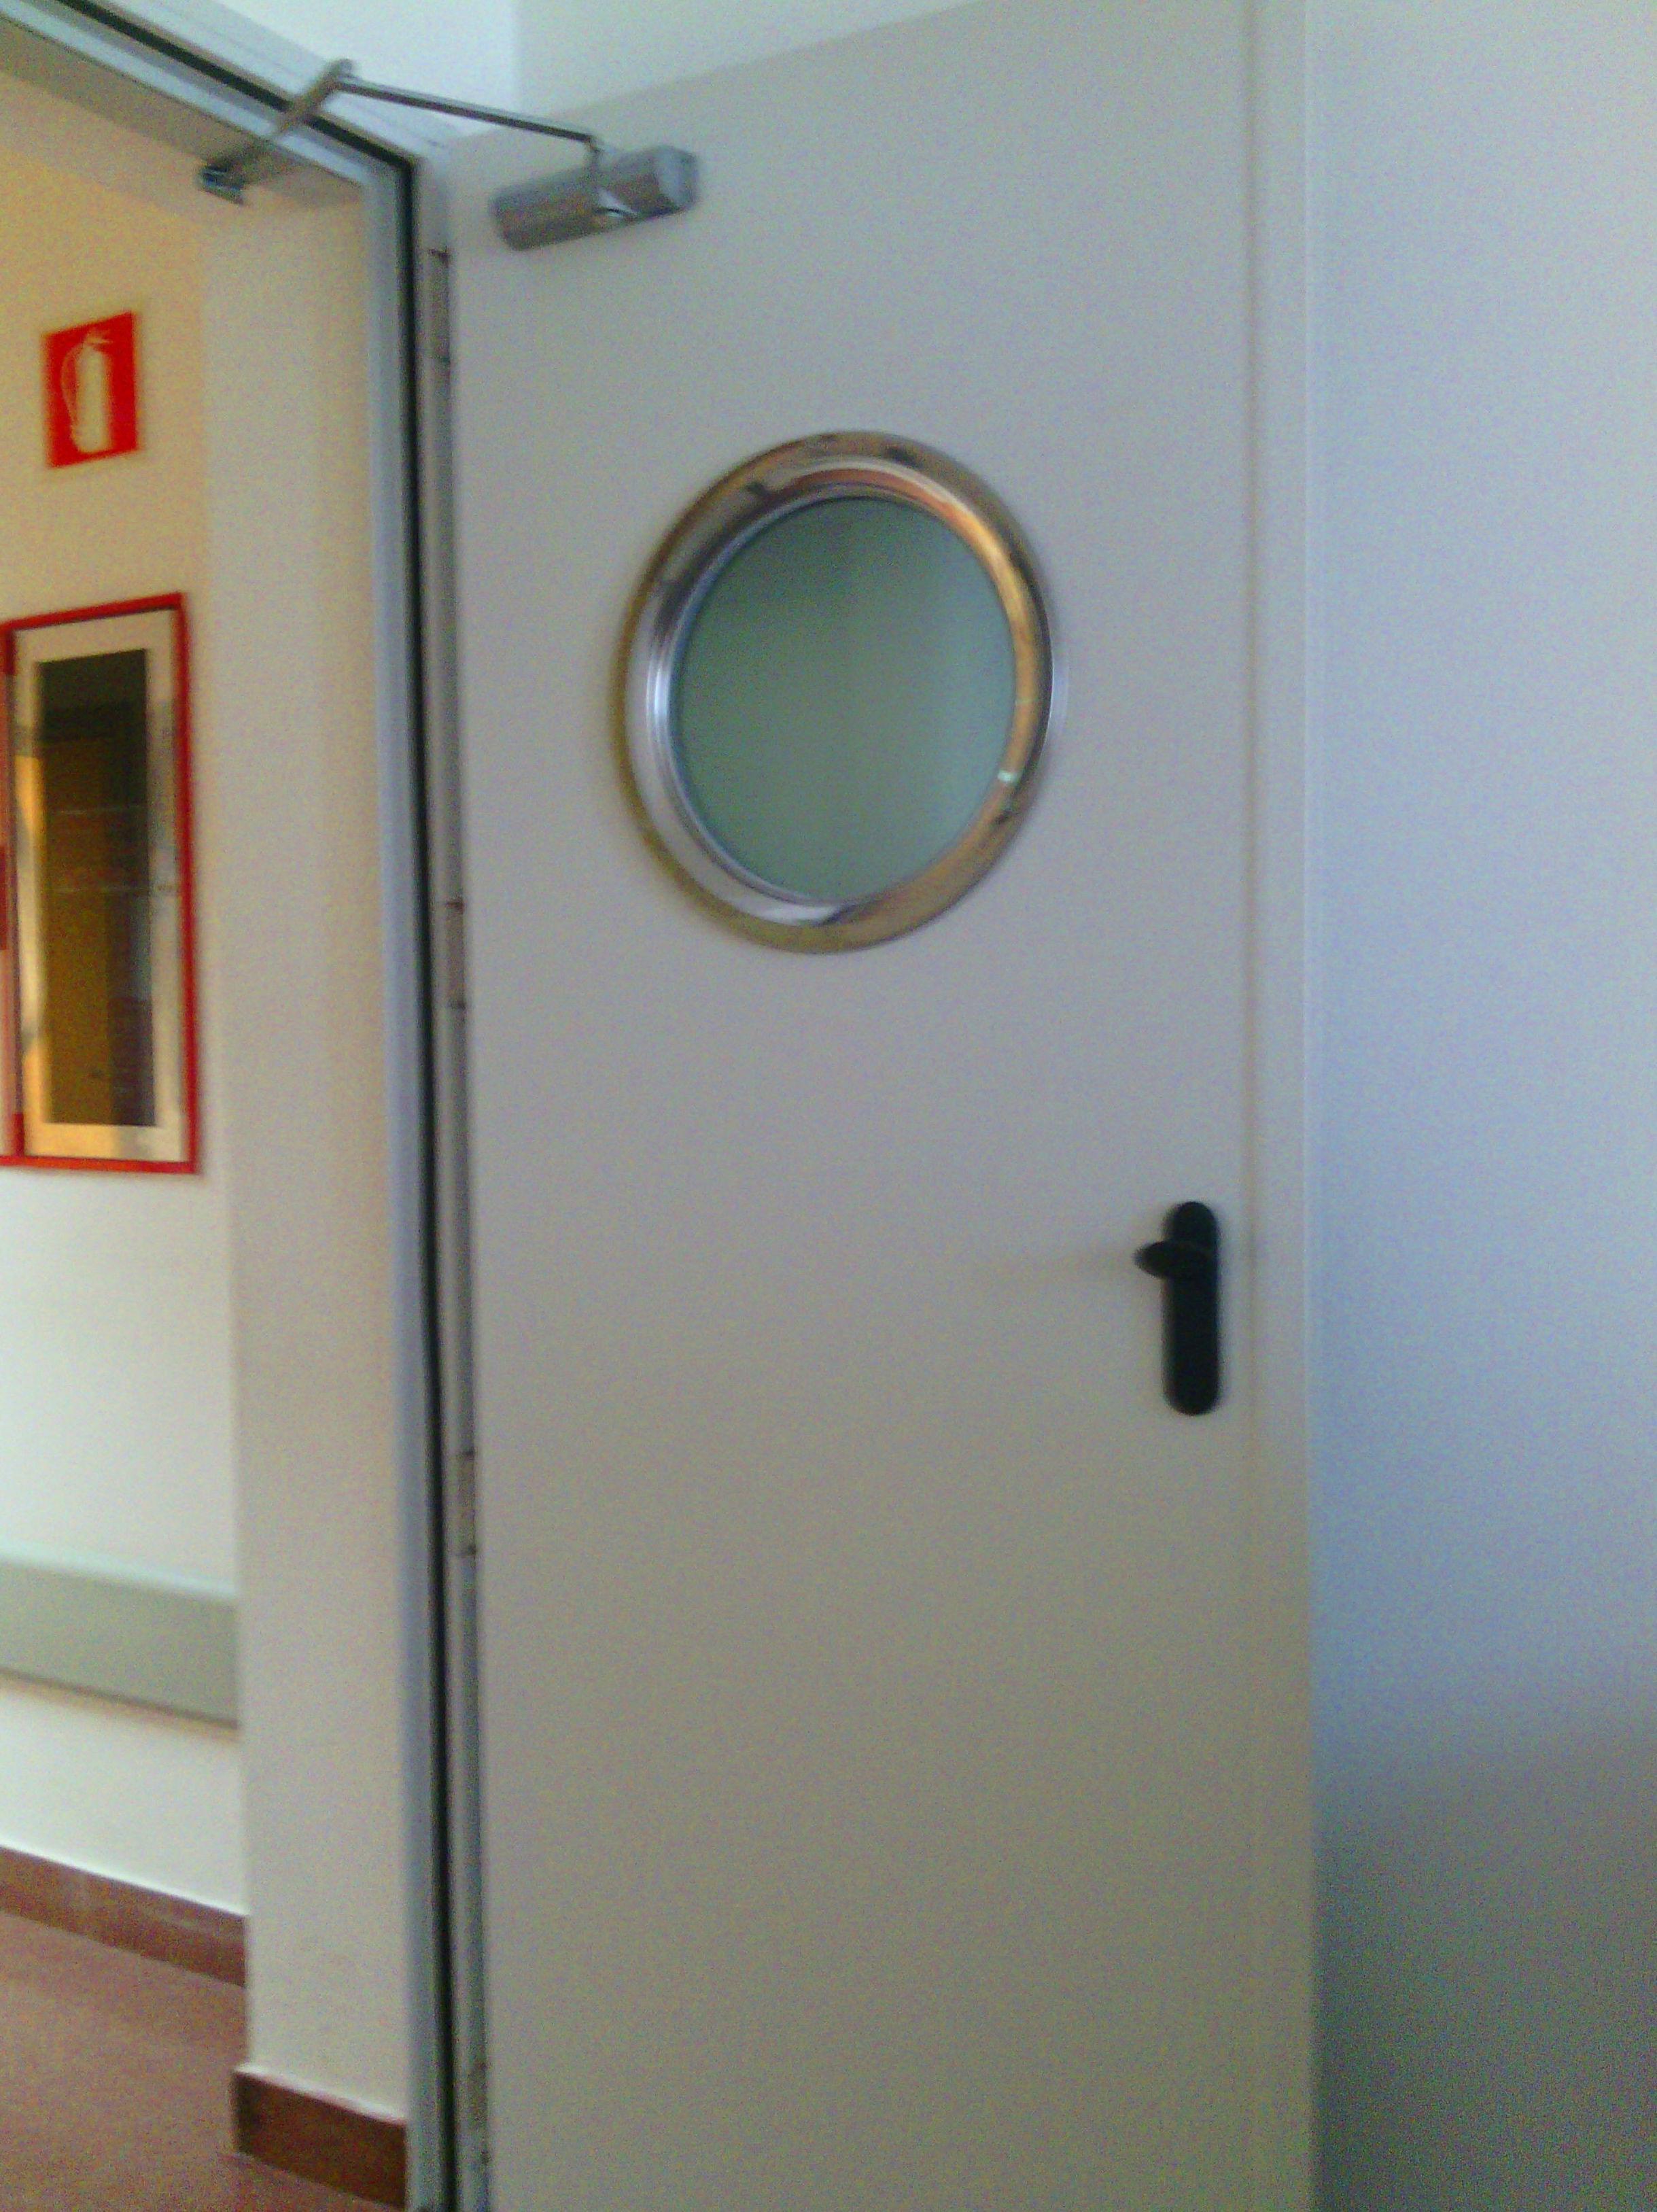 Puerta batiente cortafuegos con mirilla y cierra puertas articulado